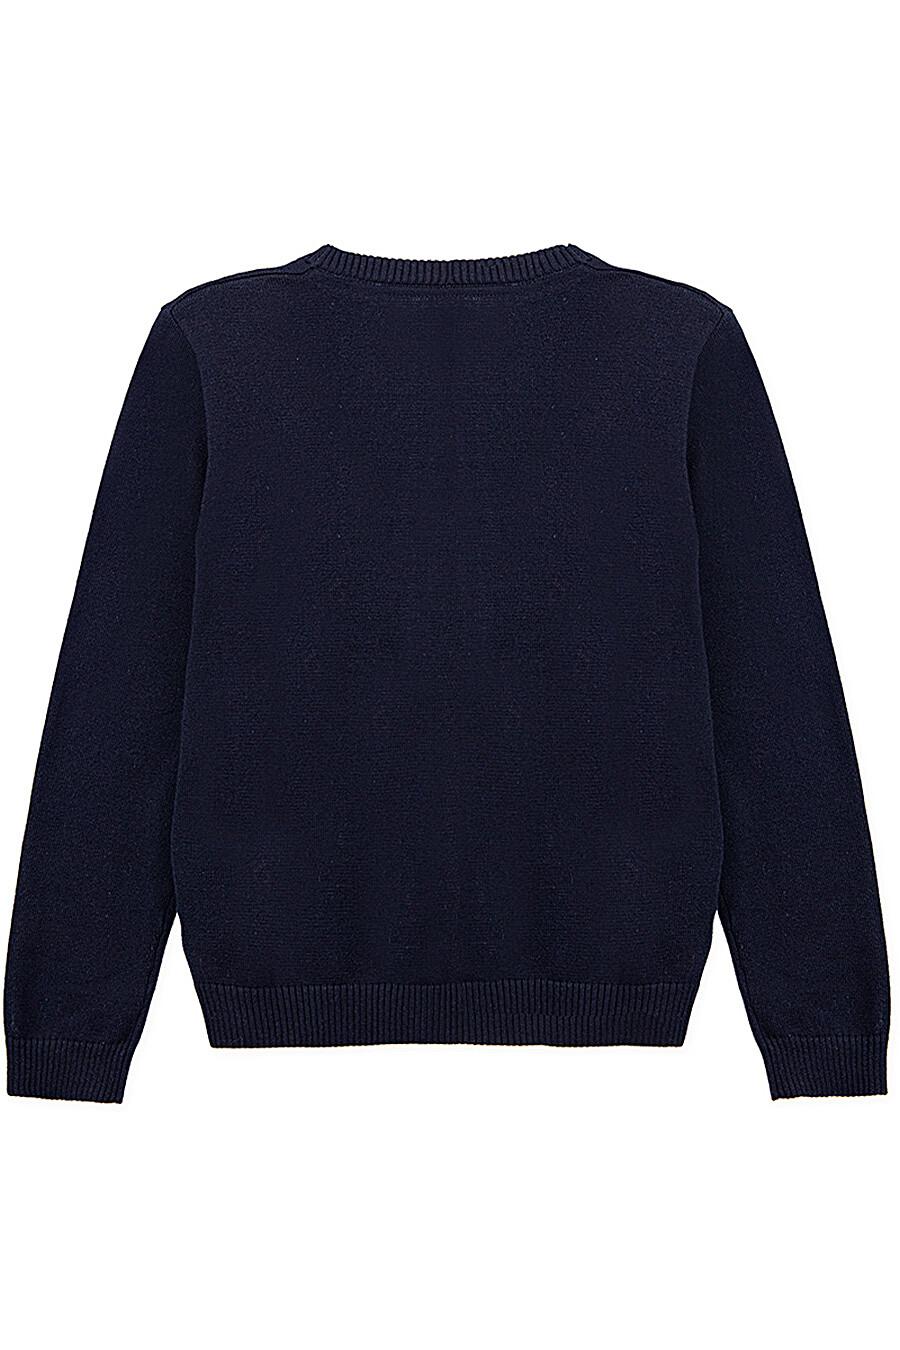 Кардиган для мальчиков PLAYTODAY 205282 купить оптом от производителя. Совместная покупка детской одежды в OptMoyo